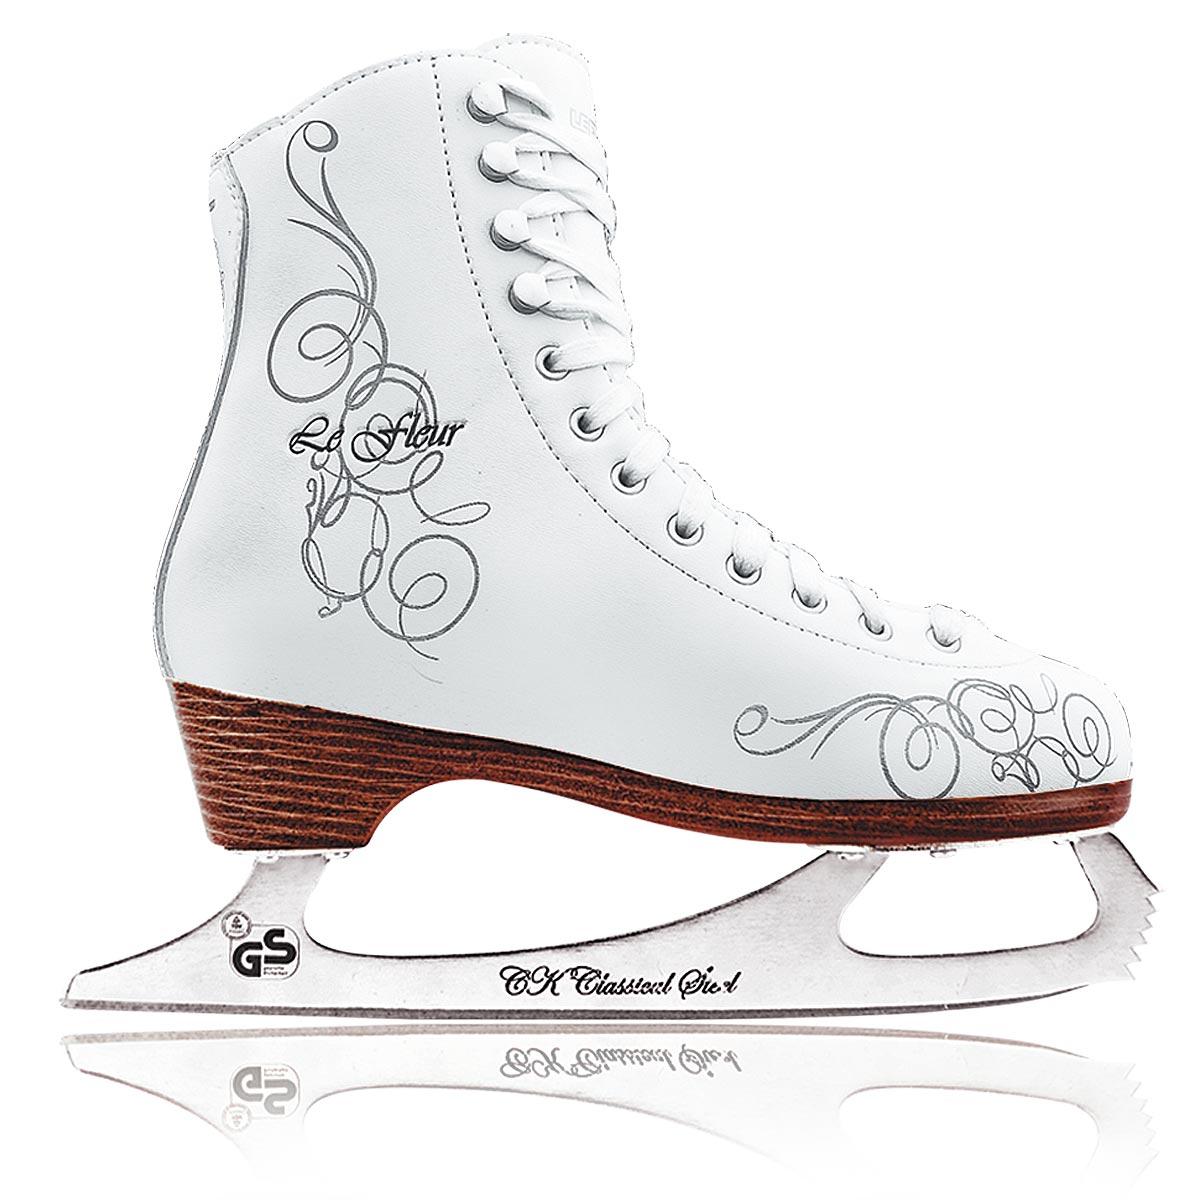 Коньки фигурные для девочки СК Le Fleur Fur, цвет: белый, серебряный. Размер 29